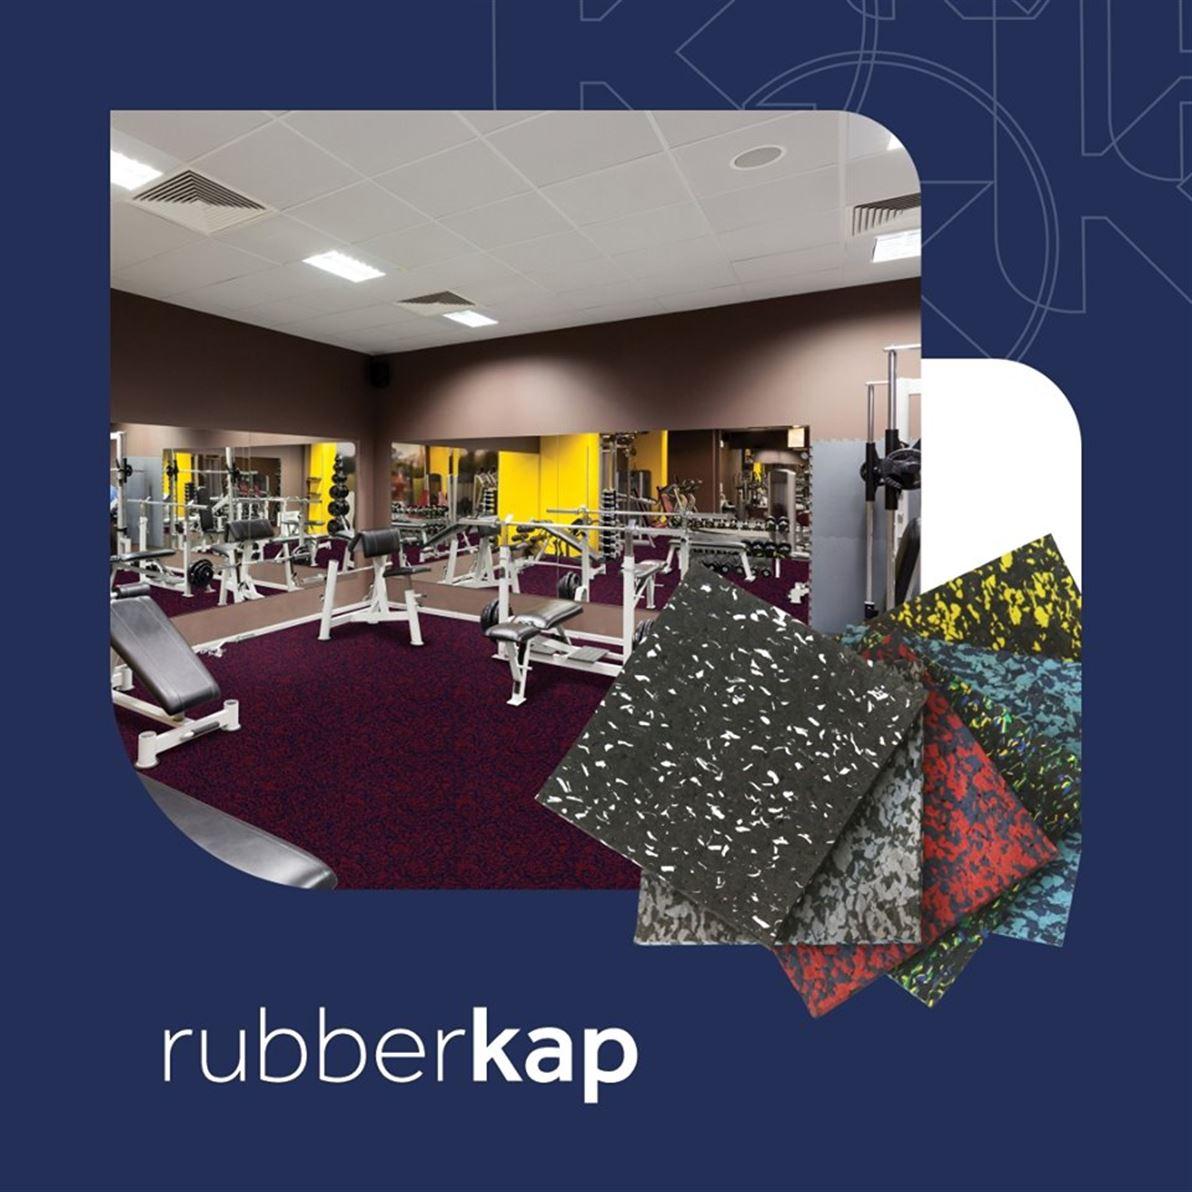 Emborrachado e antiderrapante, o Rubberkap é um piso de alto padrão de resistência e durabilidade. Deixa as áreas aplicadas mais seguras e confortáveis, sendo ideal para academias, playgrounds e outros locais com grande fluxo de movimentação. Solicite uma visita técnica sem compromisso.